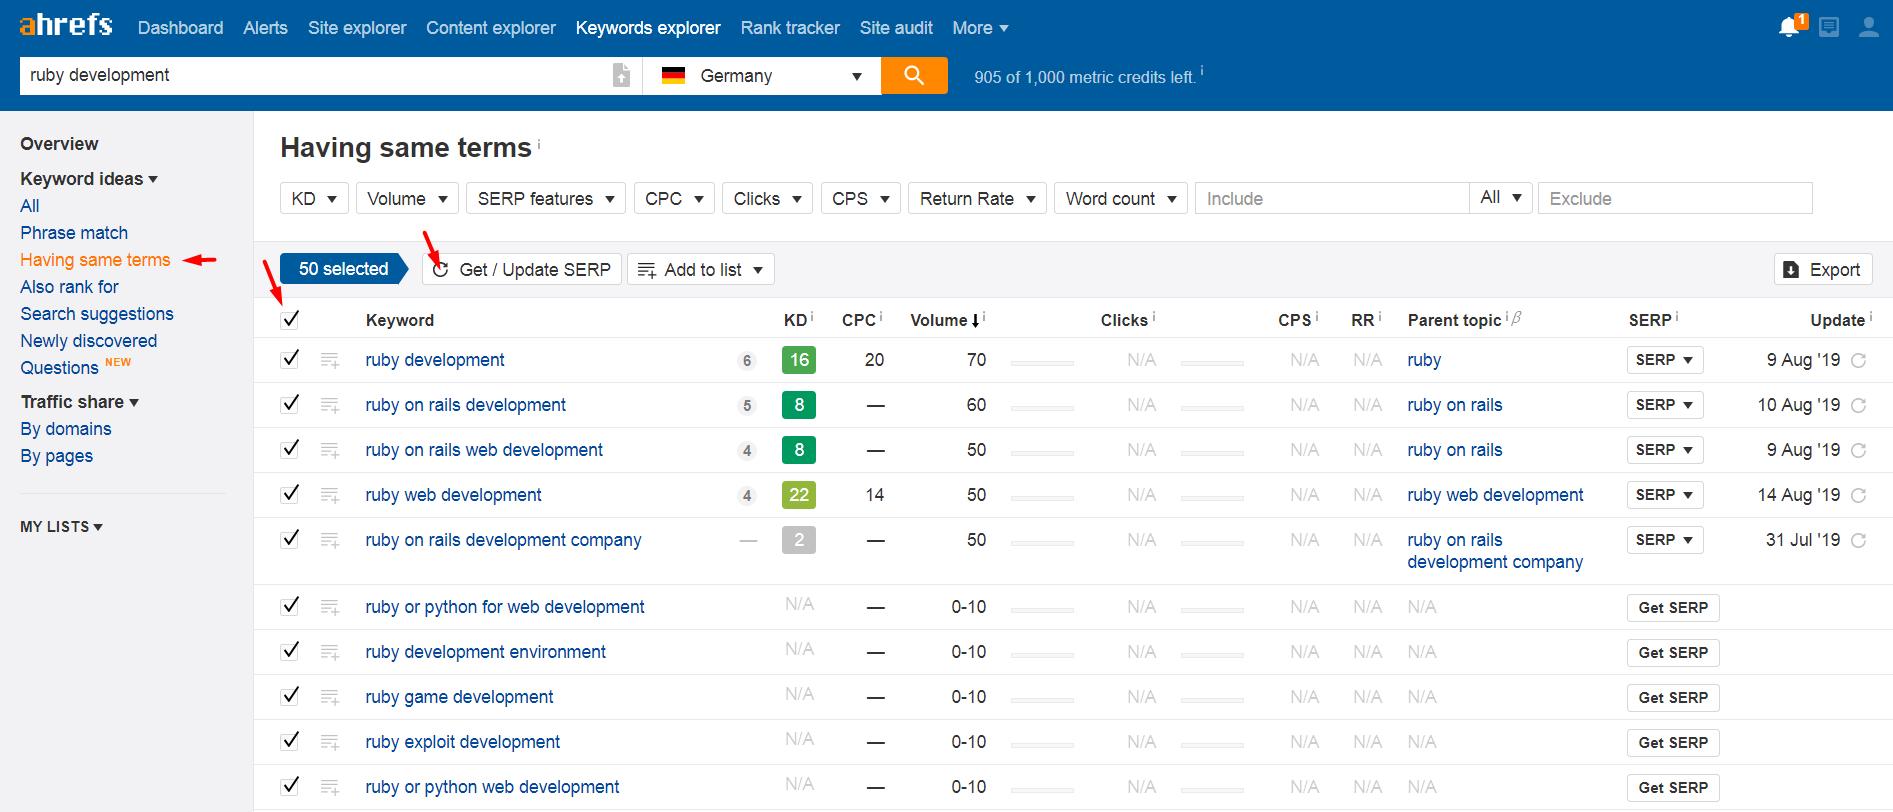 Как попасть в топ Google в ЕС-США в нише разработки и найти клиентов с большими бюджетами - 3